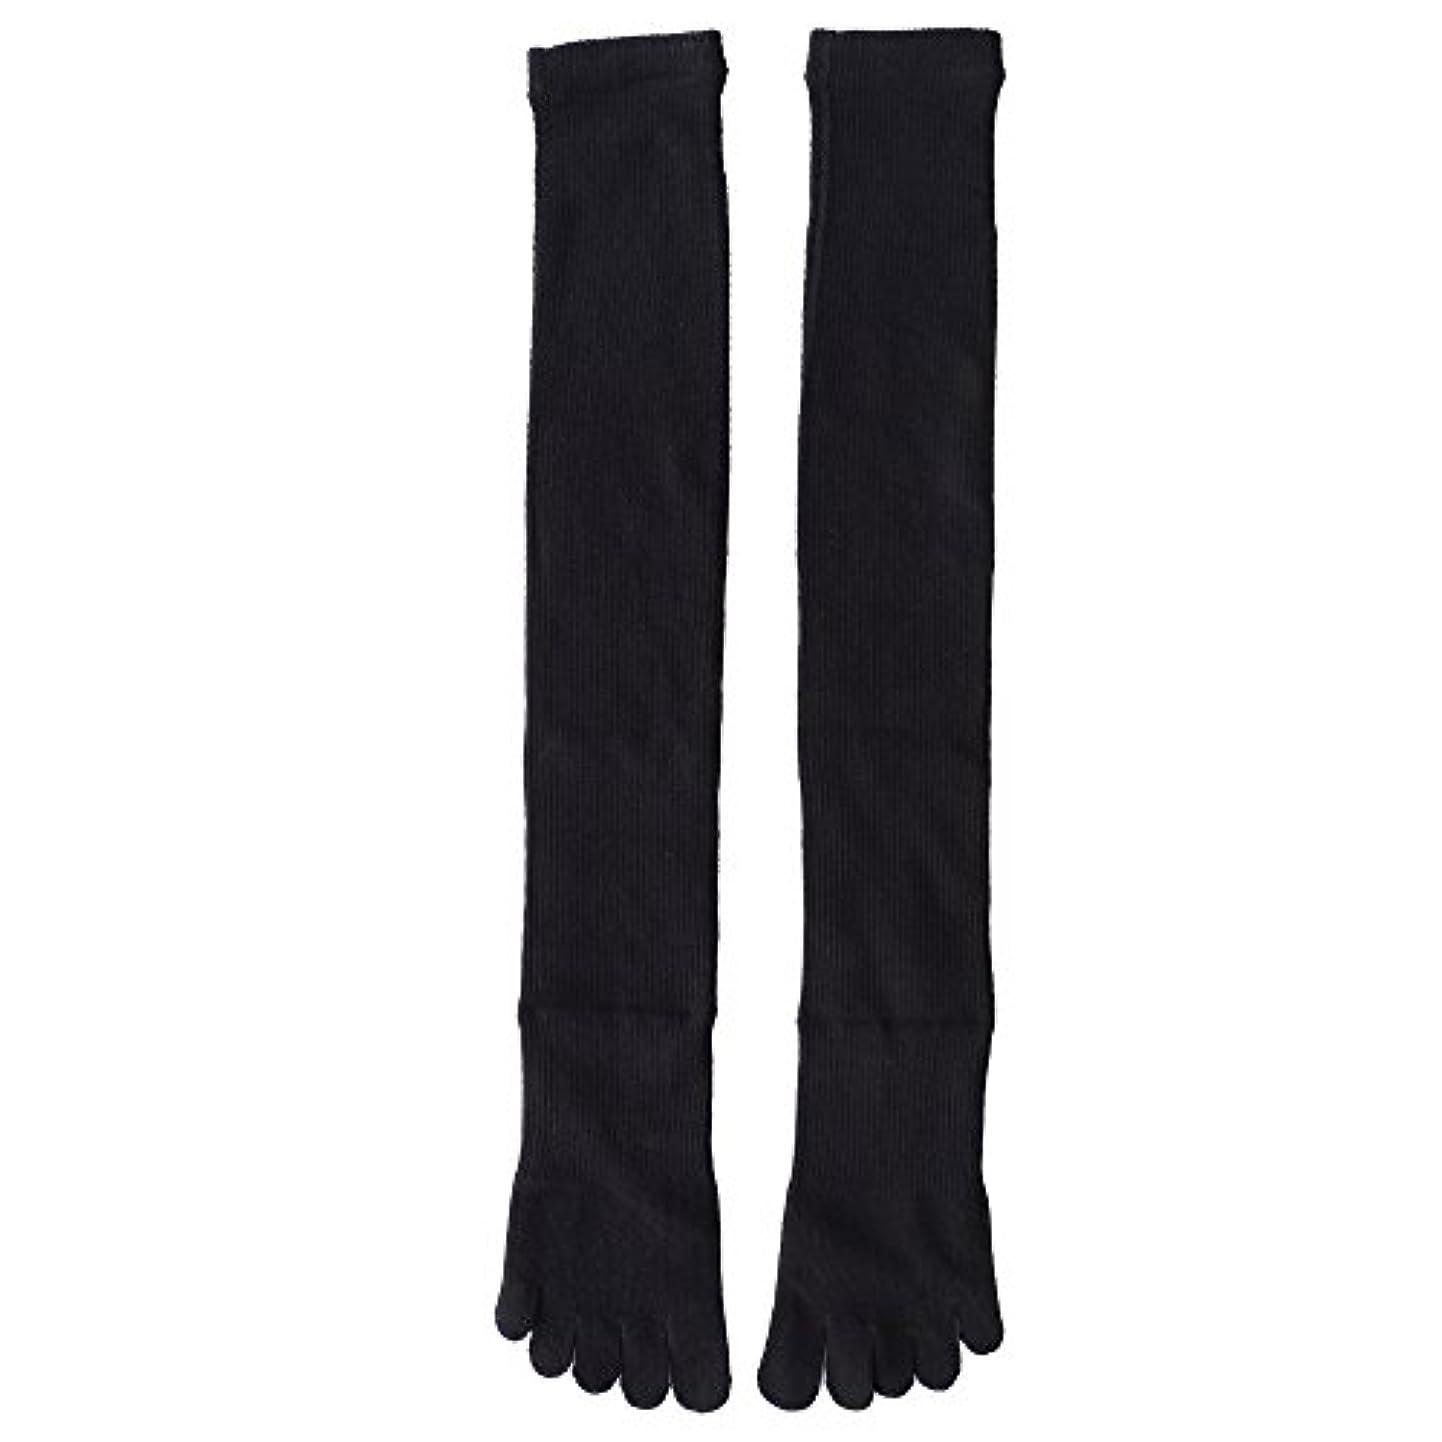 篭節約興味日本製靴下 5本指 着圧オーバニーハイソックス